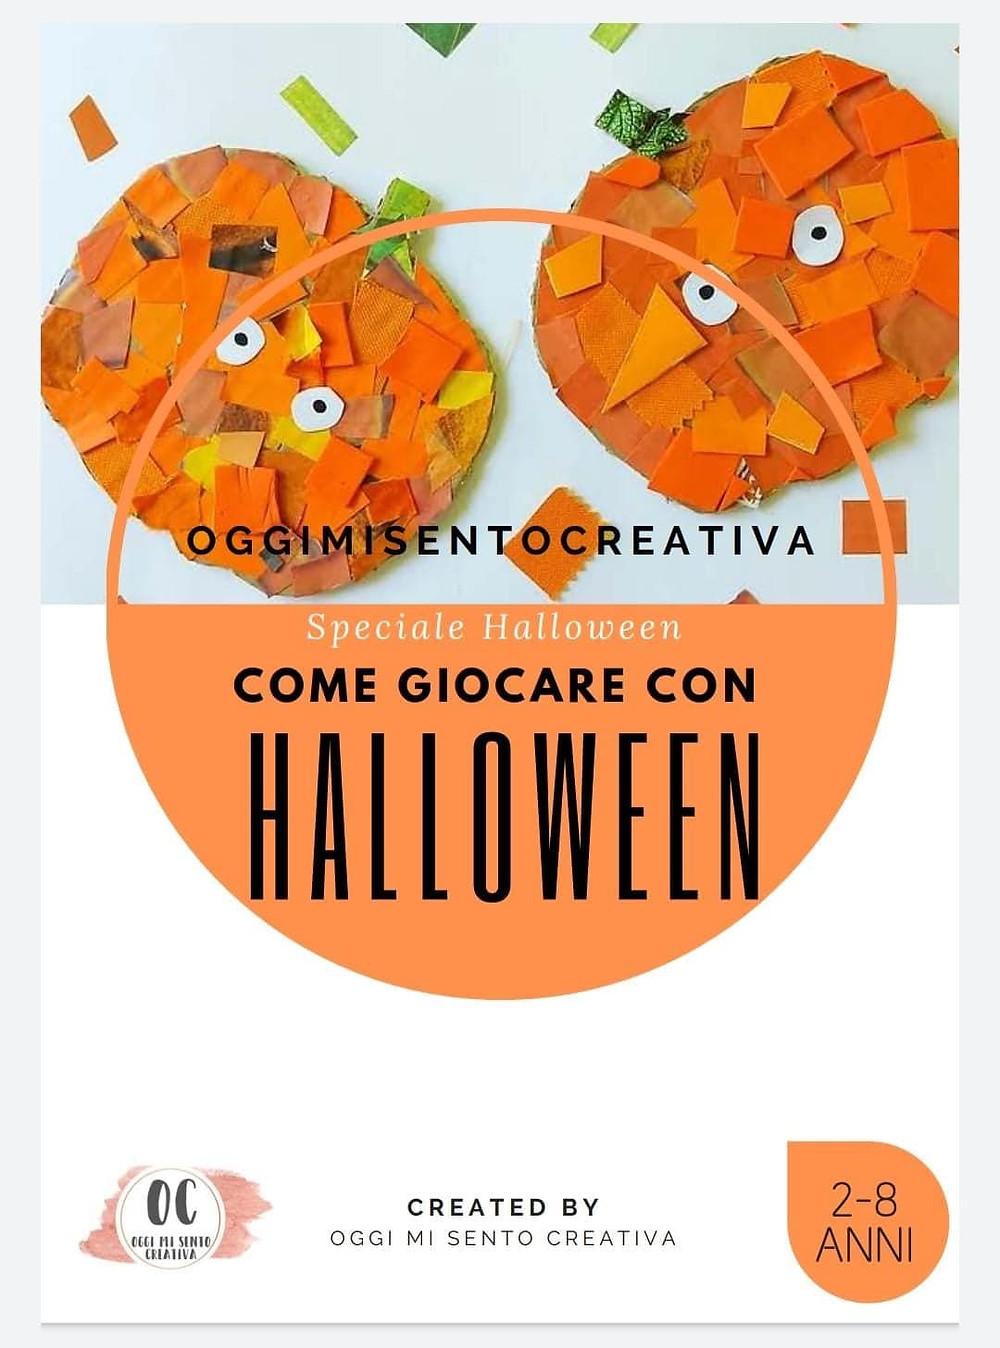 18 pagine di lavorottei creativi per Halloween